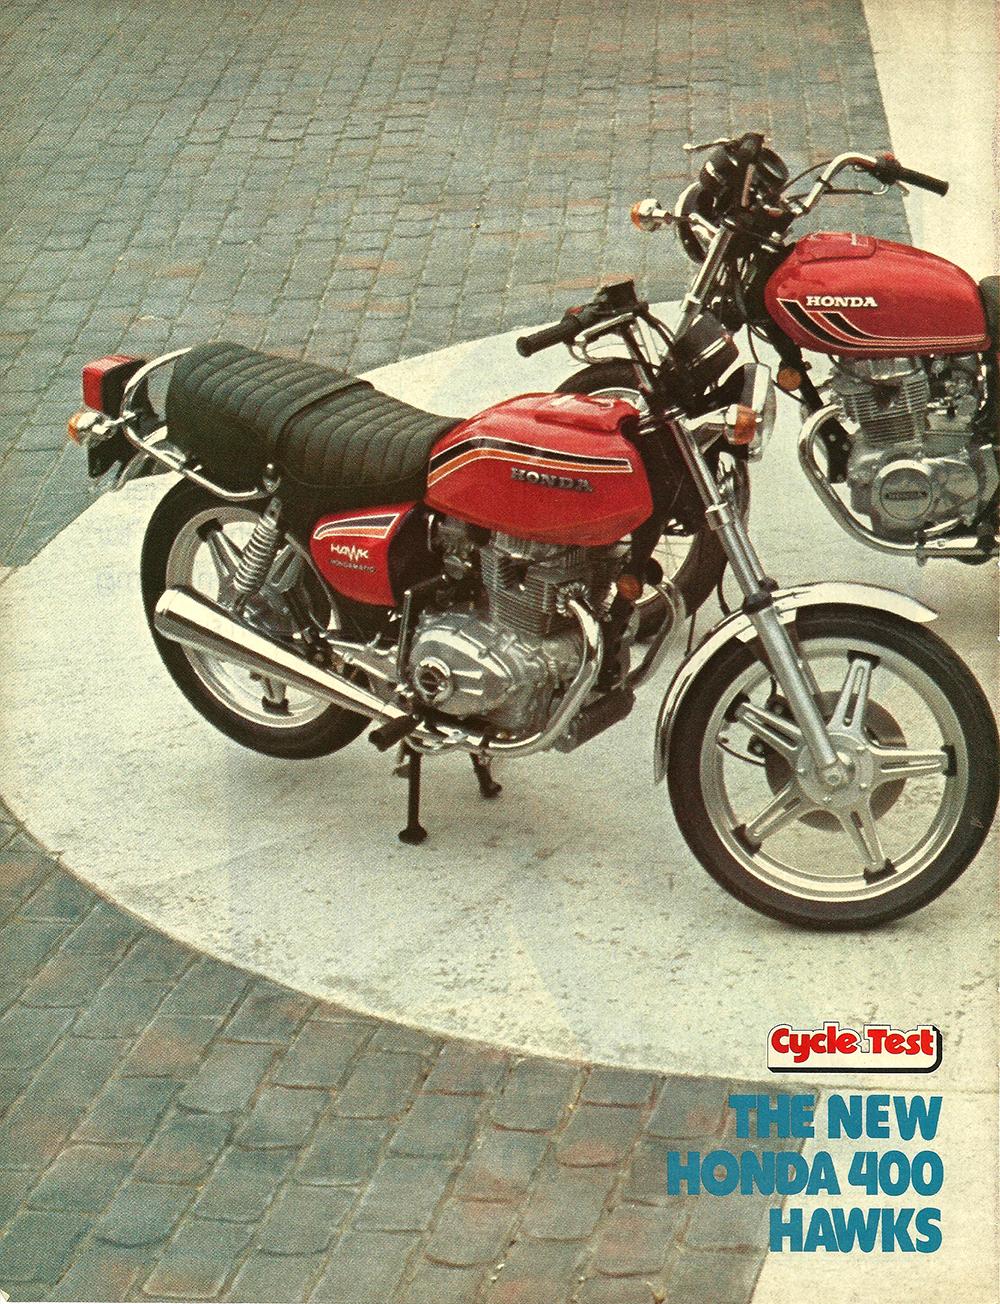 1977 Honda 400 Hawk road test 01.jpg